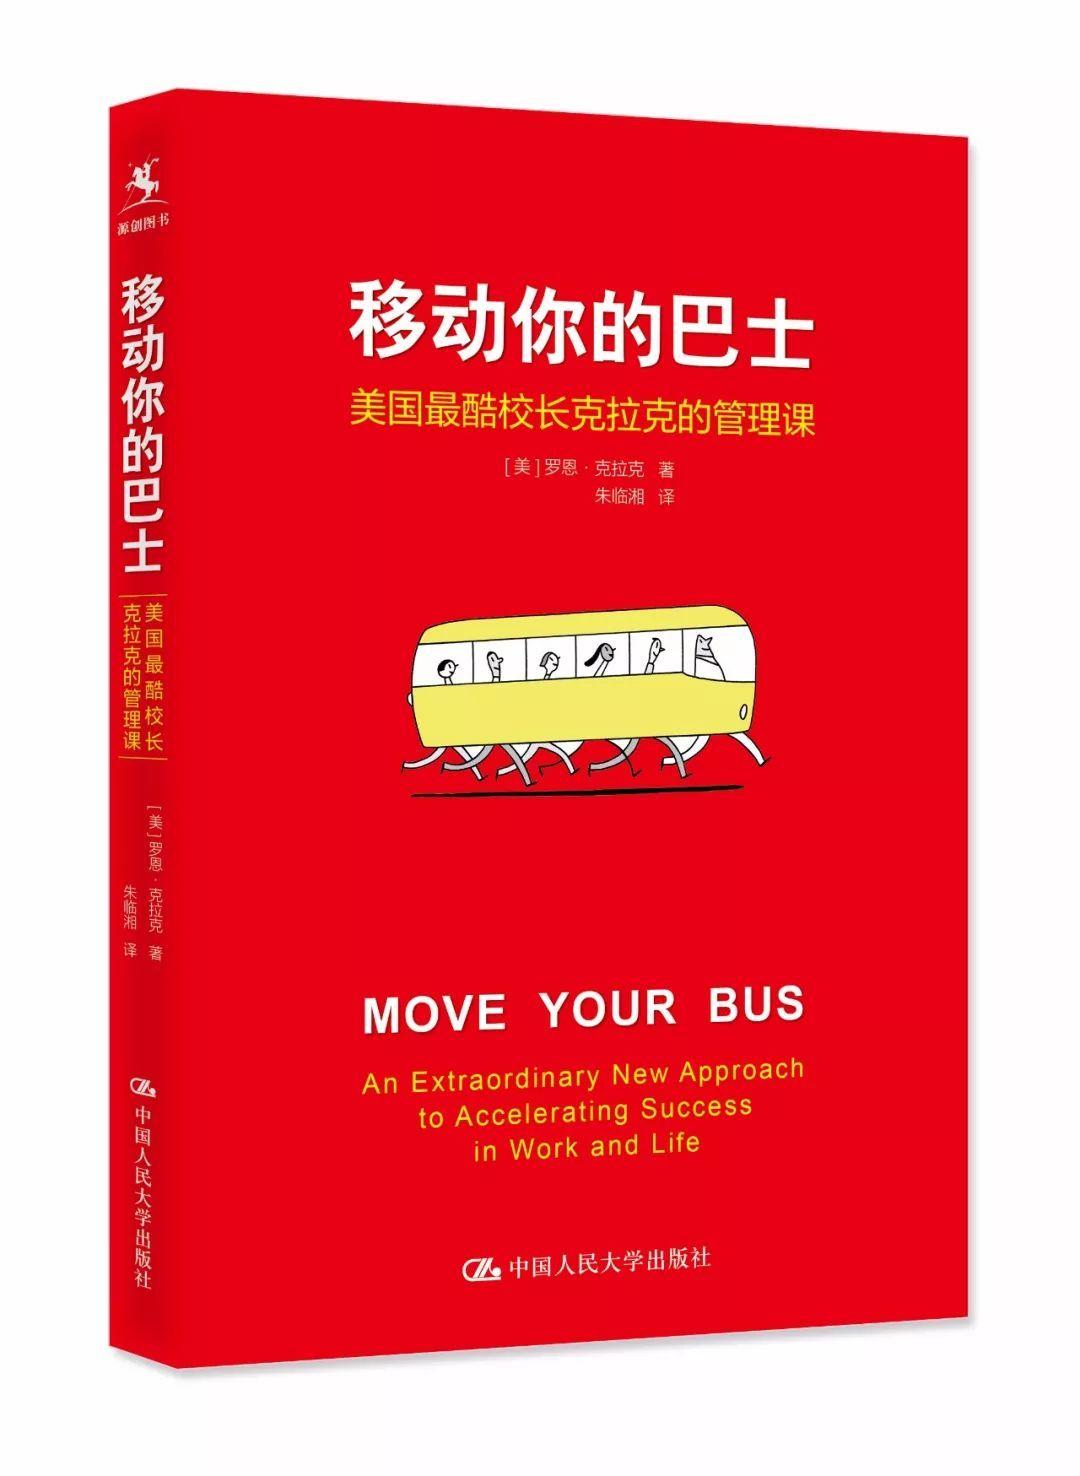 《移动你的巴士》| 美国最酷校长的30个管理秘诀